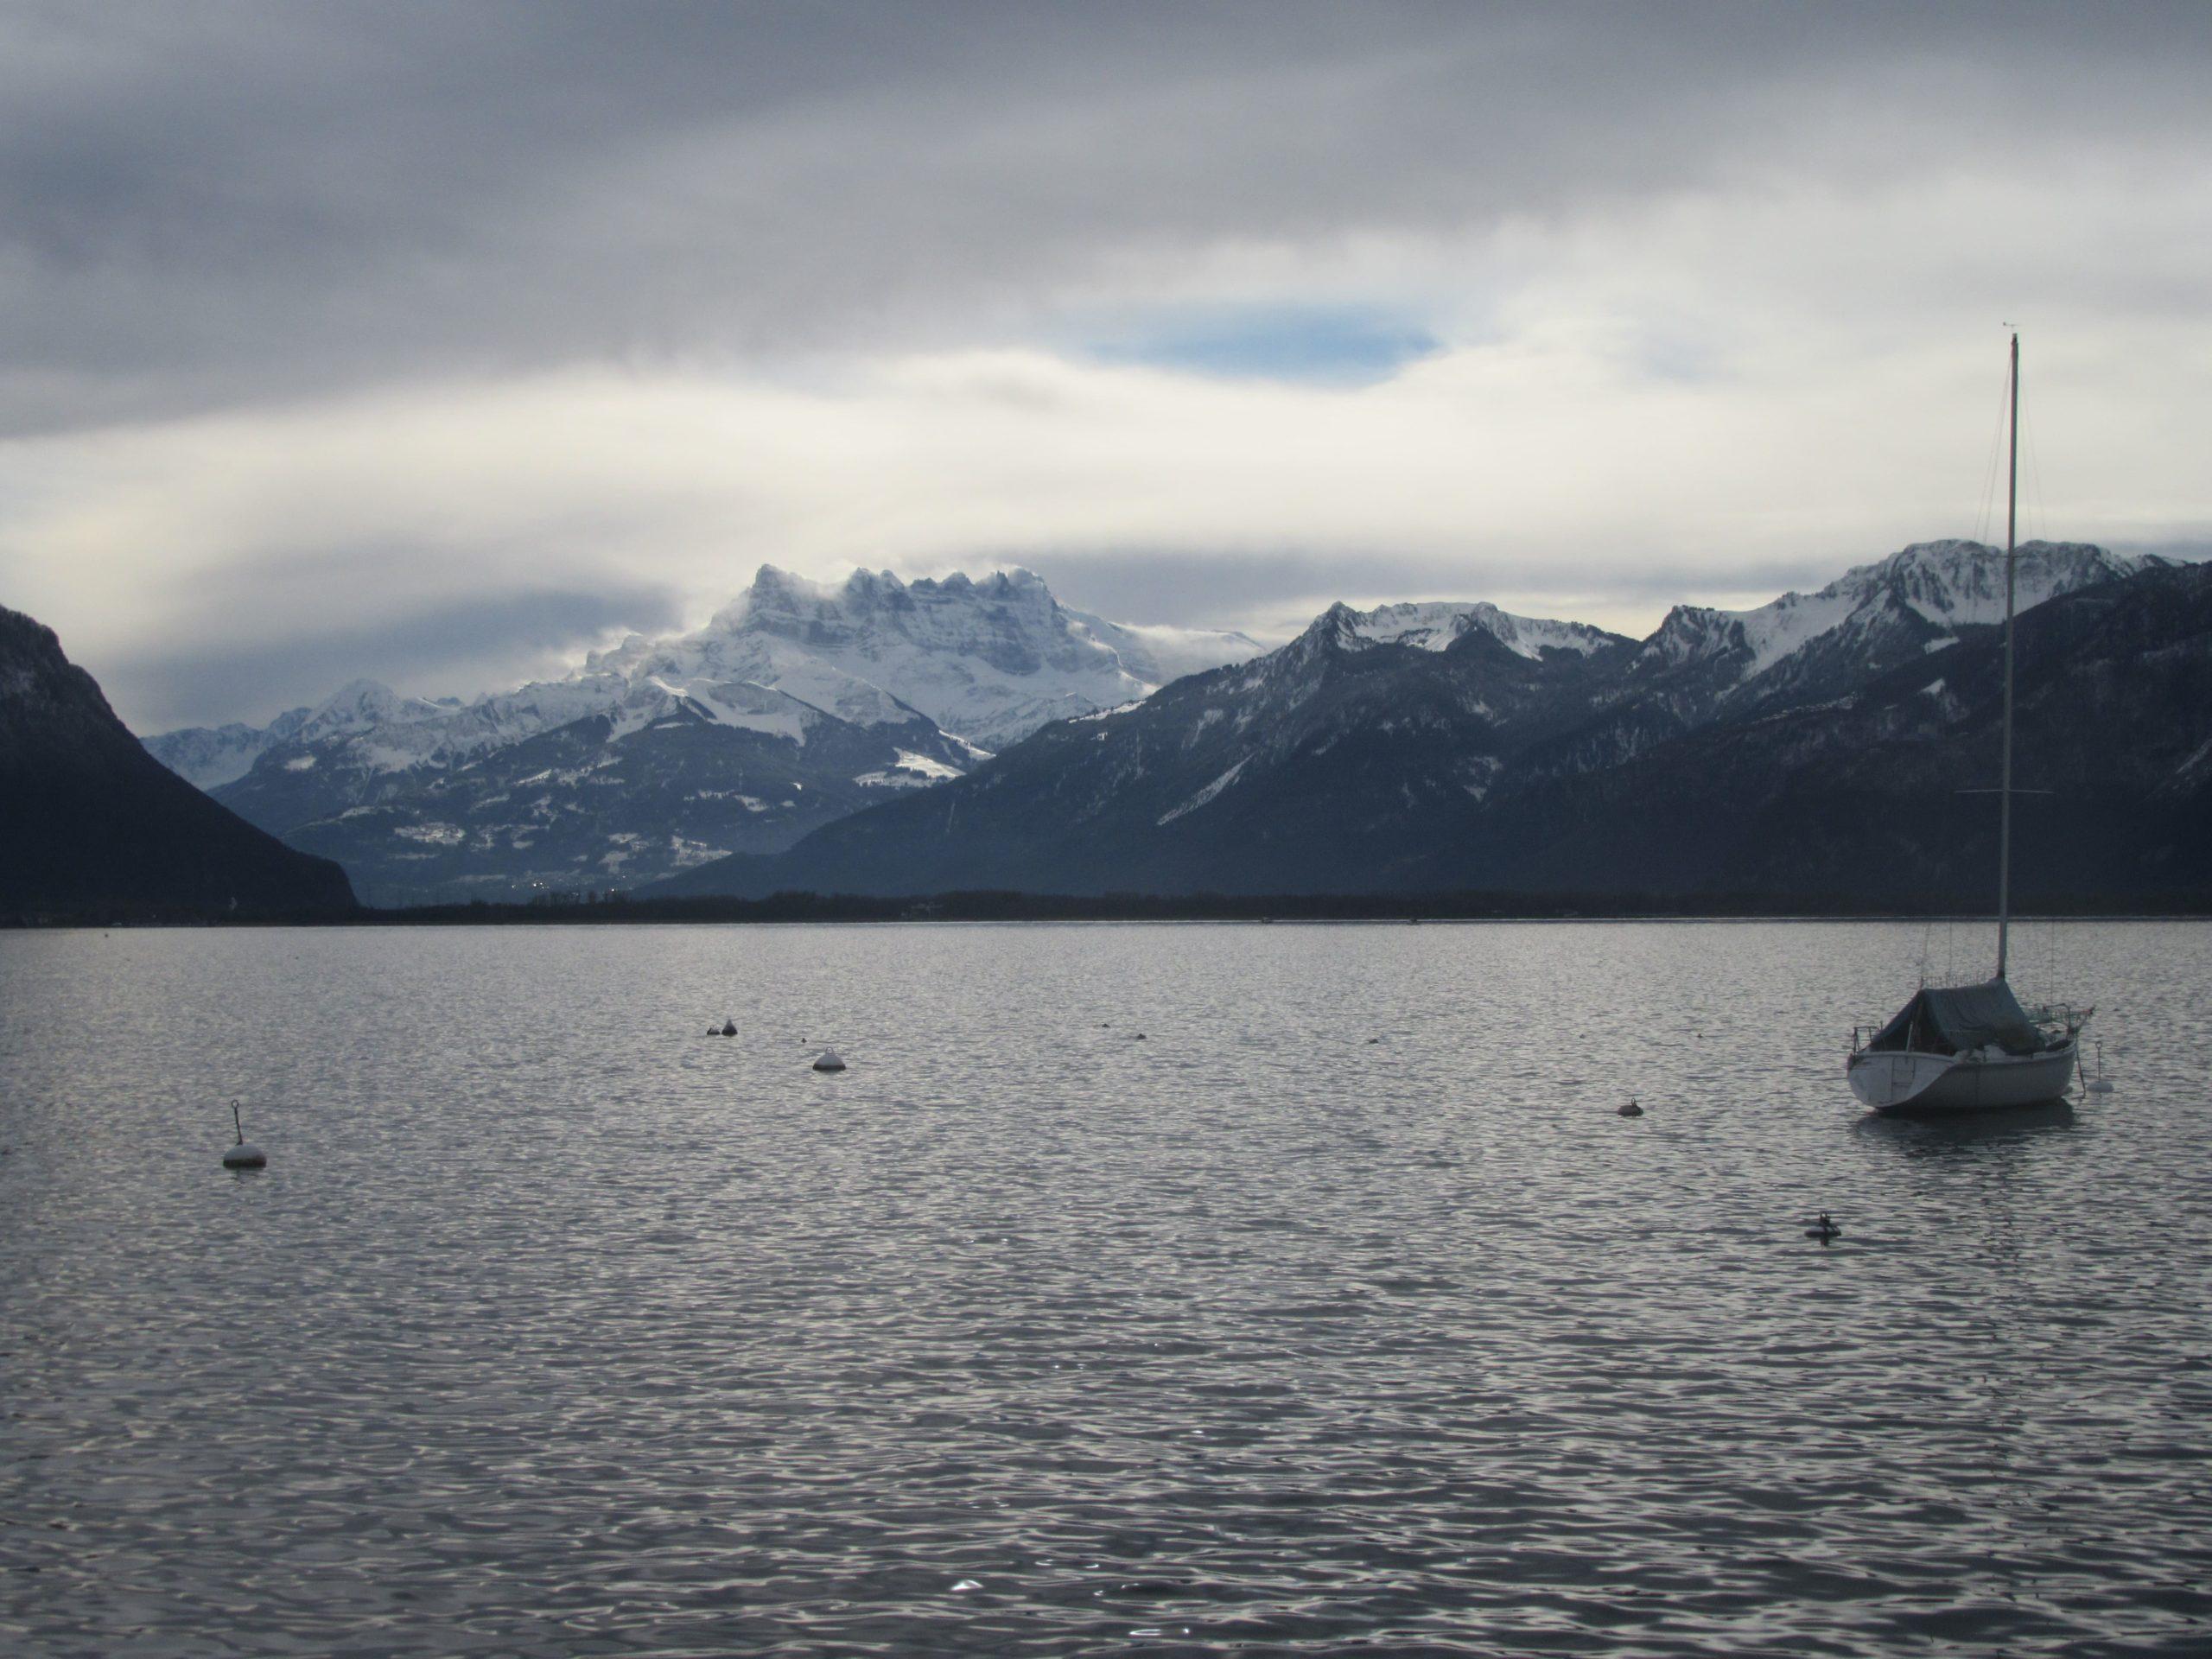 les montagnes de Suisse depuis Montreux